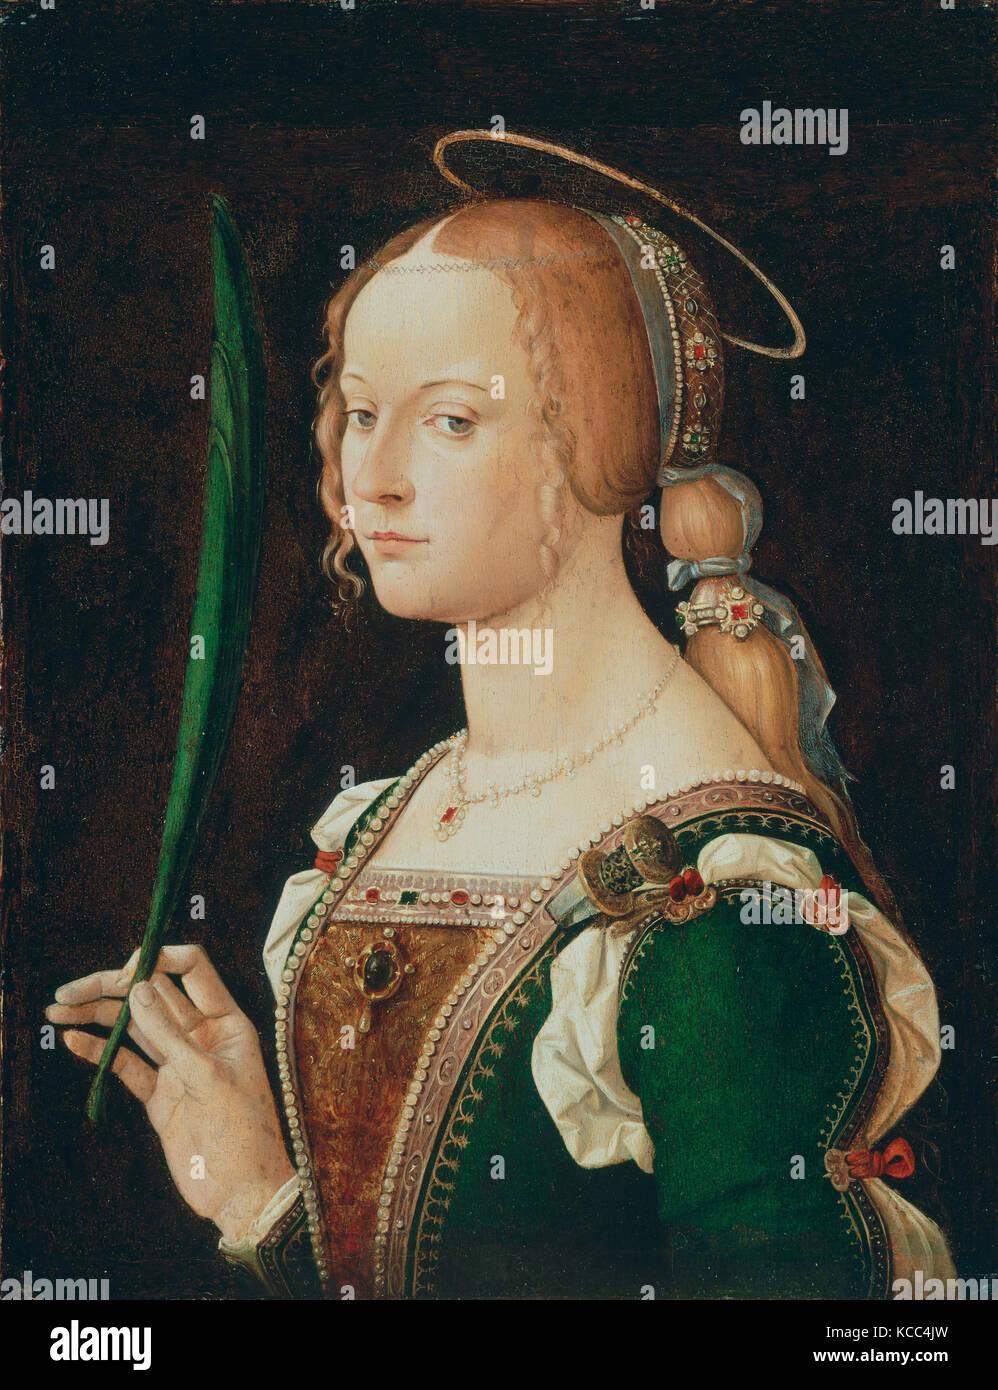 Hl. Justina von Padua, 1490, Öl auf Holz, insgesamt, mit zusätzlichen Streifen, 19 1/2 x 15 1/8 in. (49,5 Stockbild